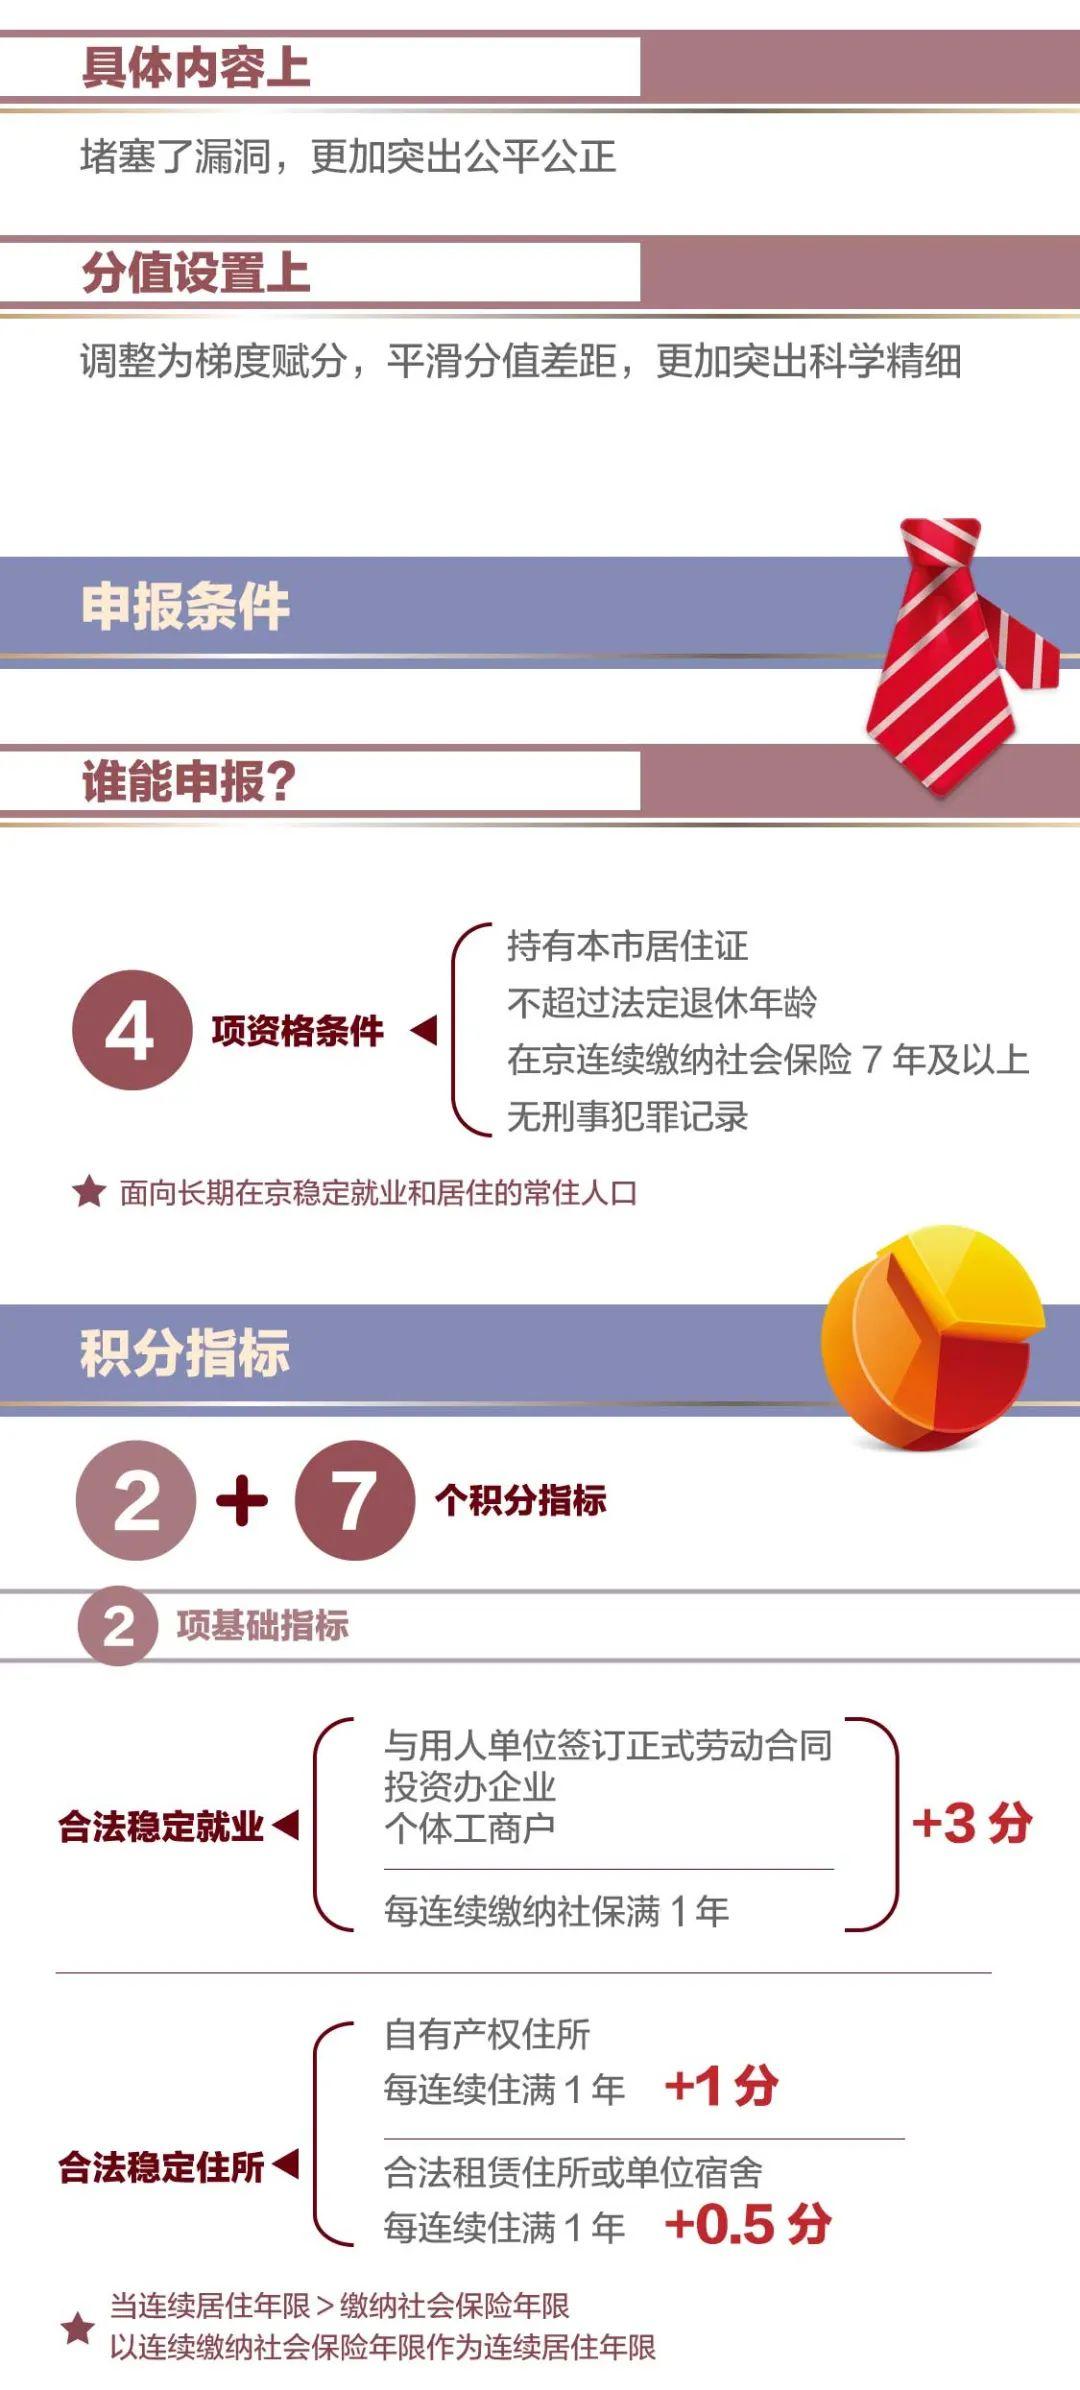 北京实行积分落户制_一图看懂新版北京积分落户政策,有这些变化 | 北晚新视觉